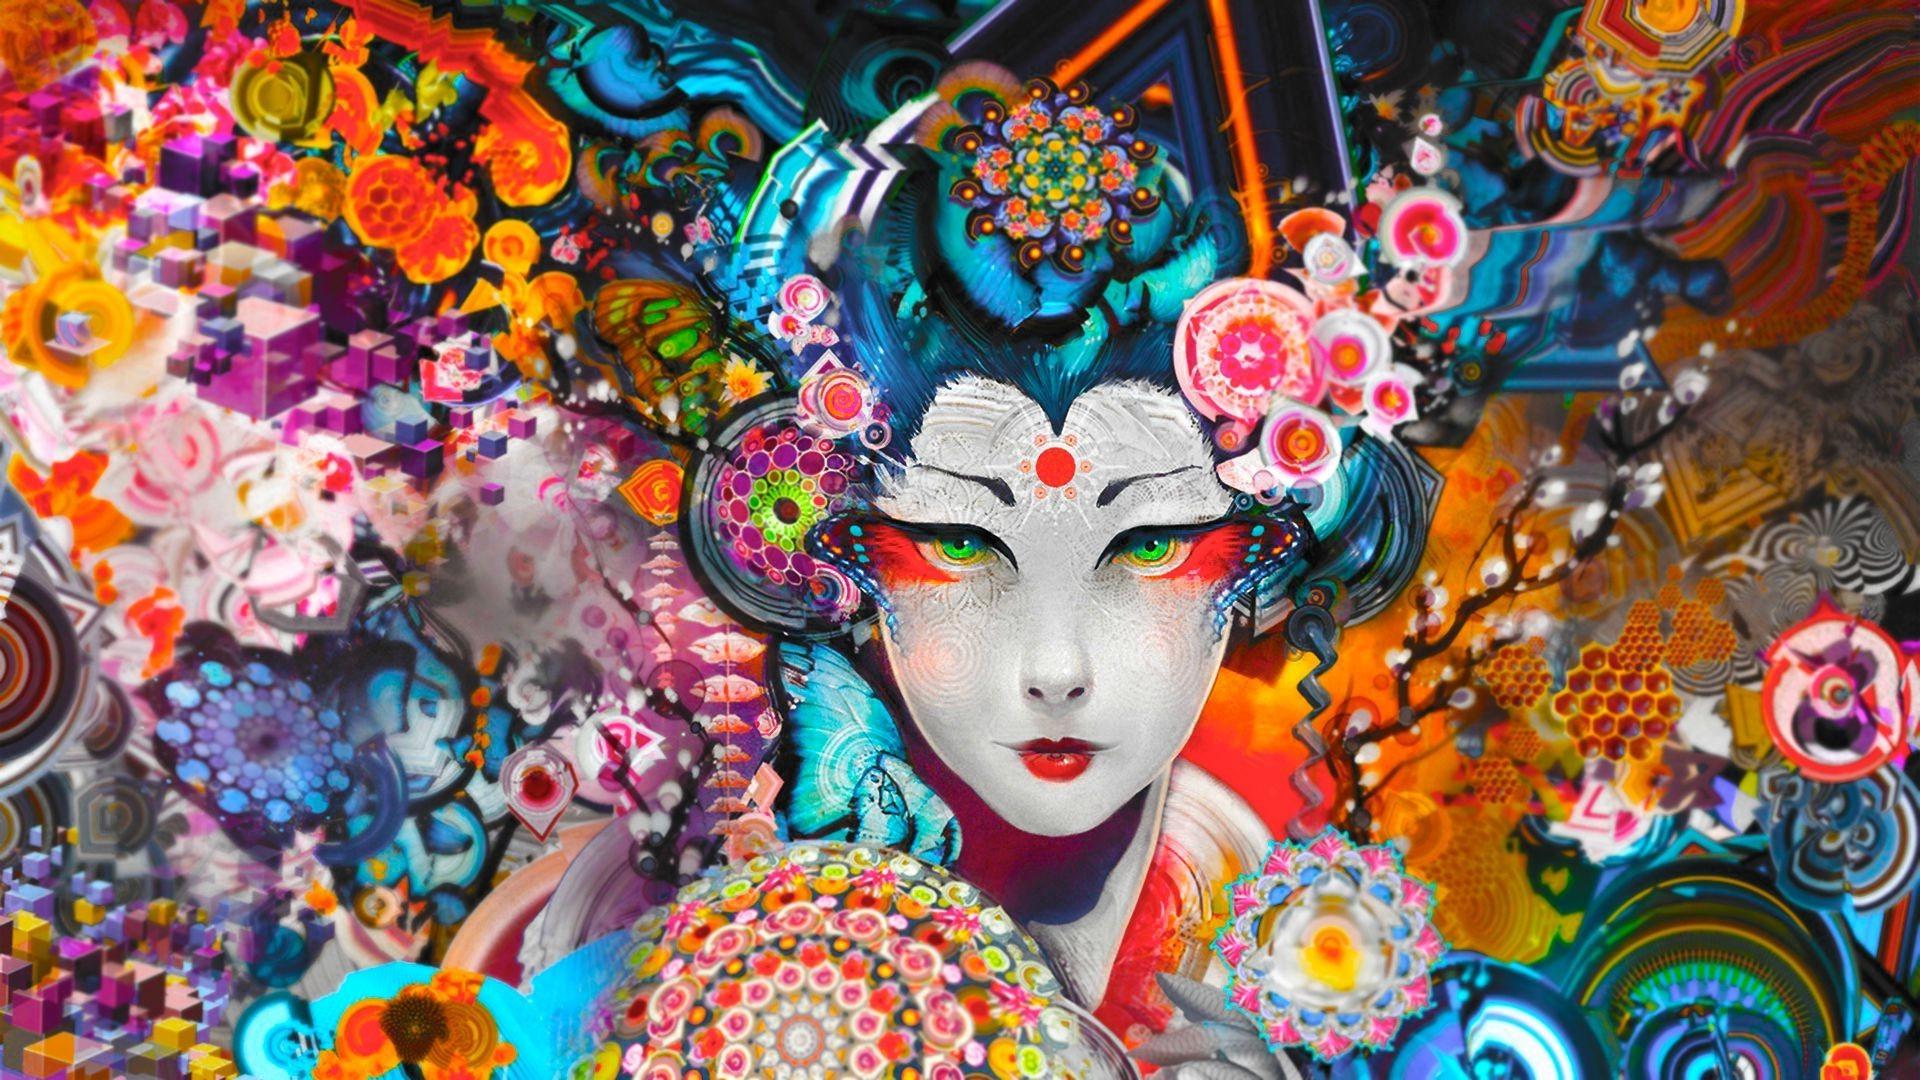 wallpaper colorful digital art geisha carnival art color